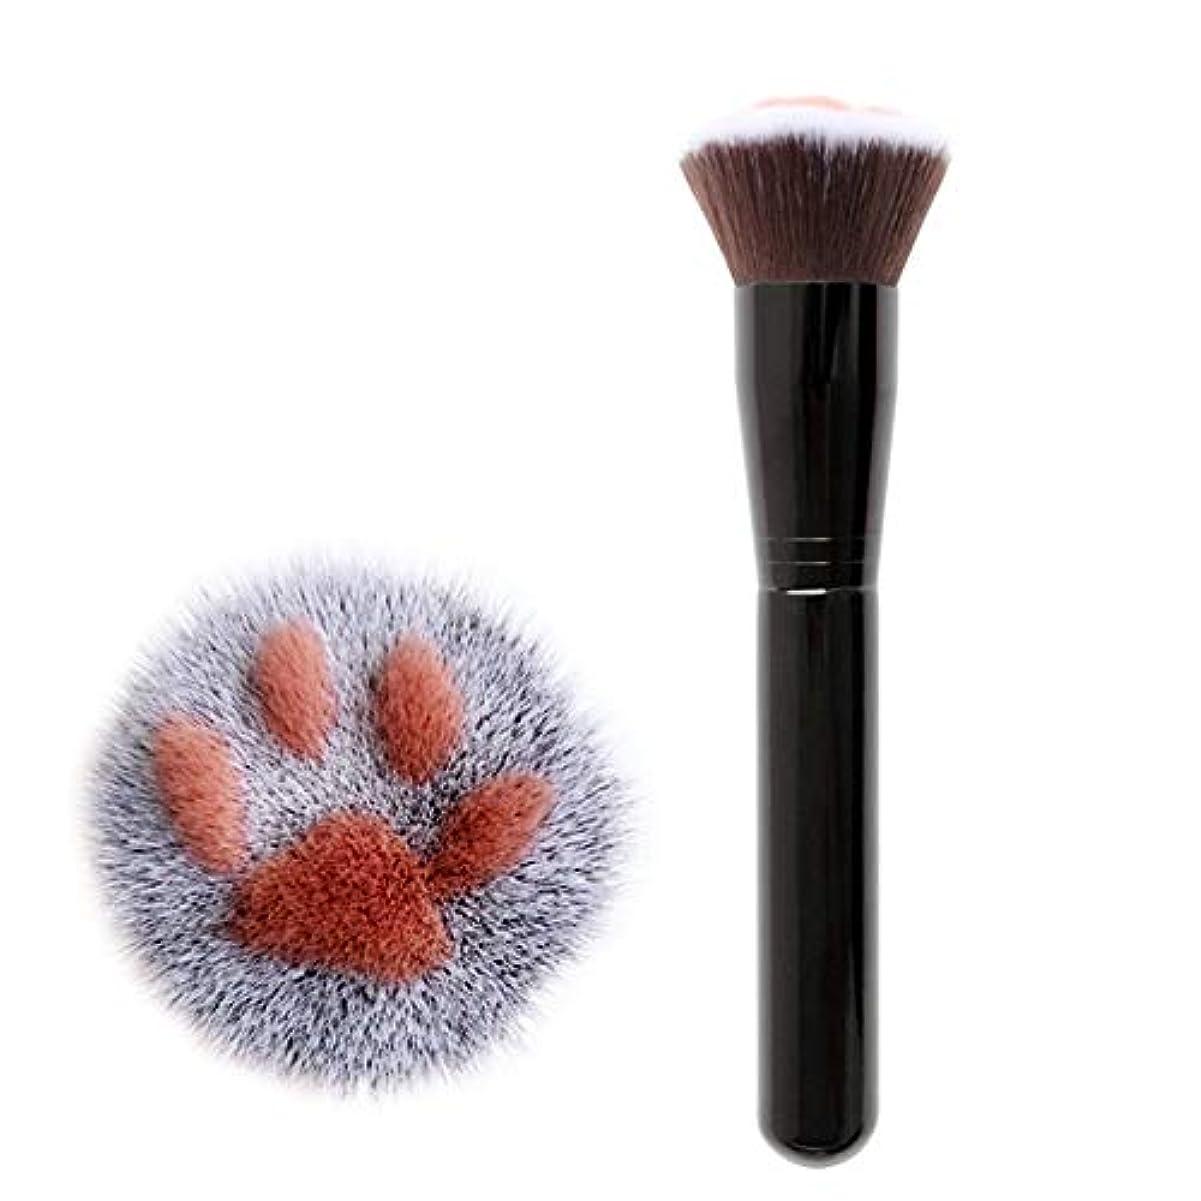 自慢真実に仲良しTerGOOSE メイクブラシ 化粧筆 専用メイクブラシ アイシャドウブラシ ブラシ 猫の爪 高級繊維毛 コスメ 高品質 目元 可愛い 快適な 安全性 オシャレ 人気 ギフト(ブラック)